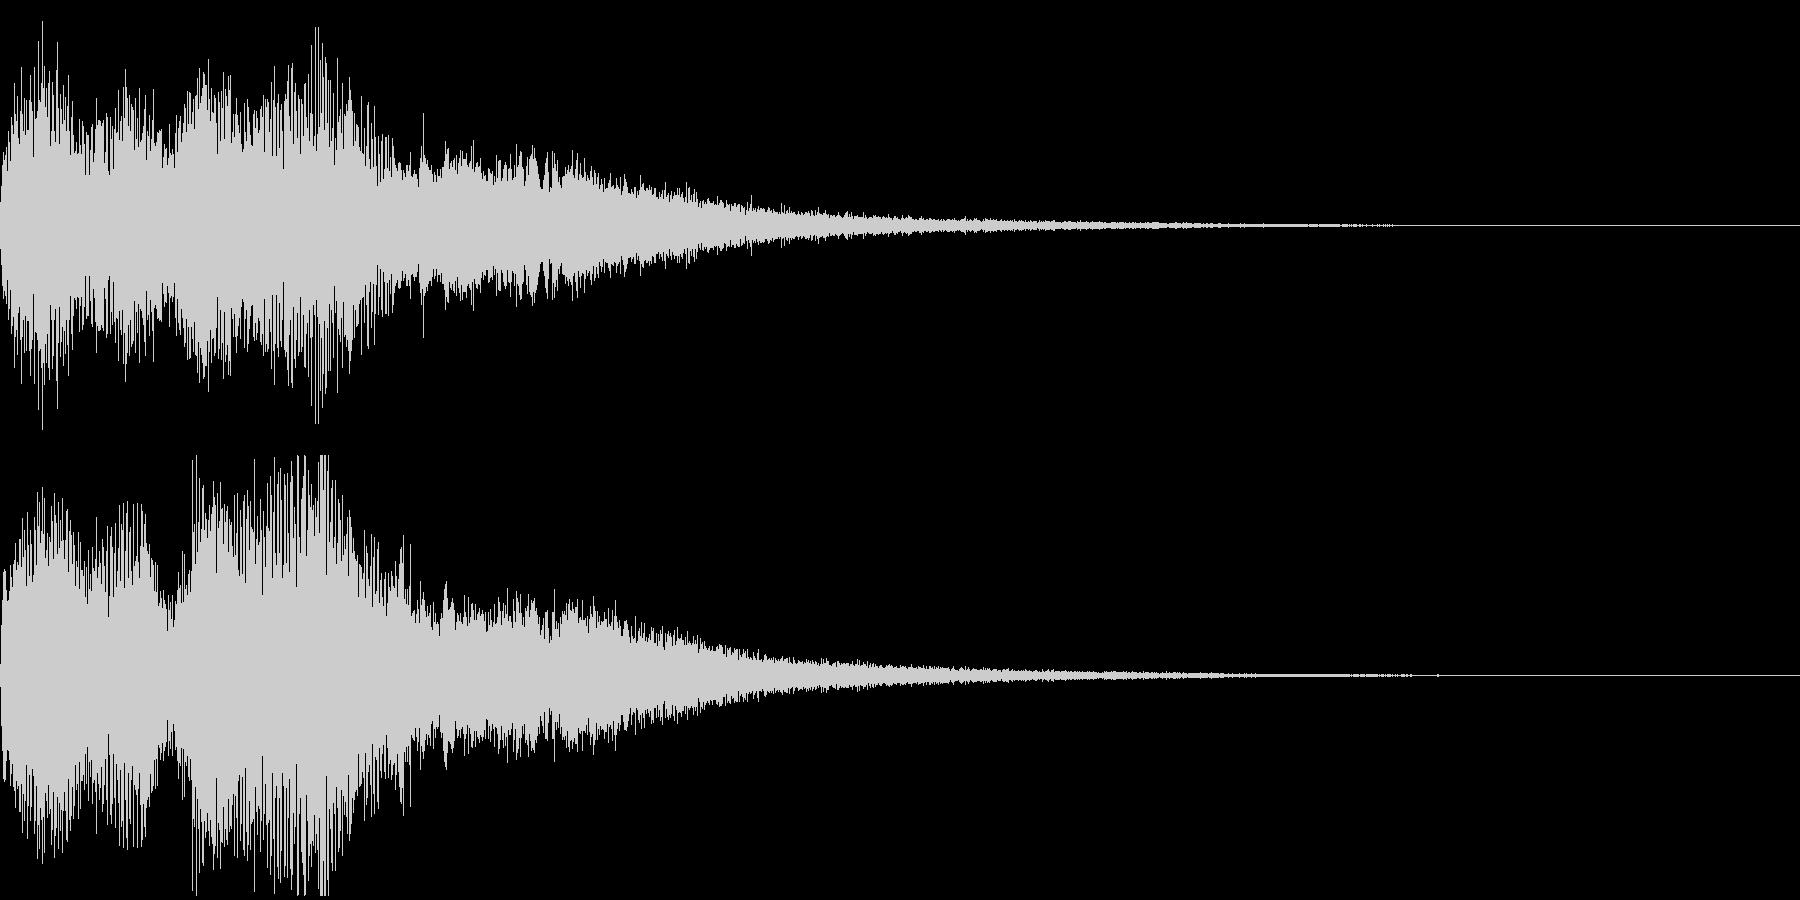 ミッションクリア、壮大なファンファーレの未再生の波形